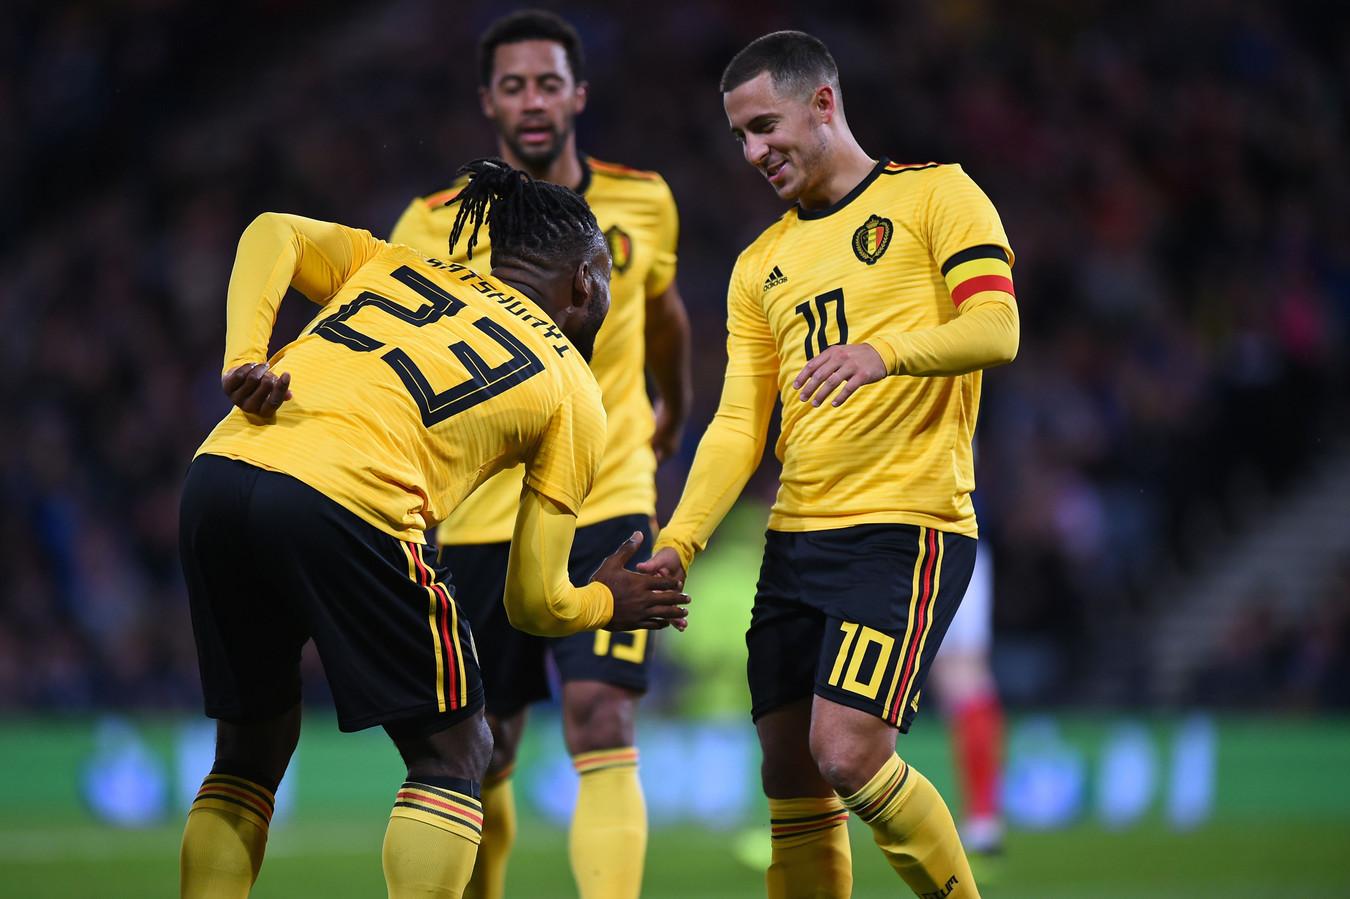 Eden Hazard (r) is na Lukaku de meest trefzekere Belg. Michy Batshuayi (l) schoot ook al tien keer raak voor de Rode Duivels.